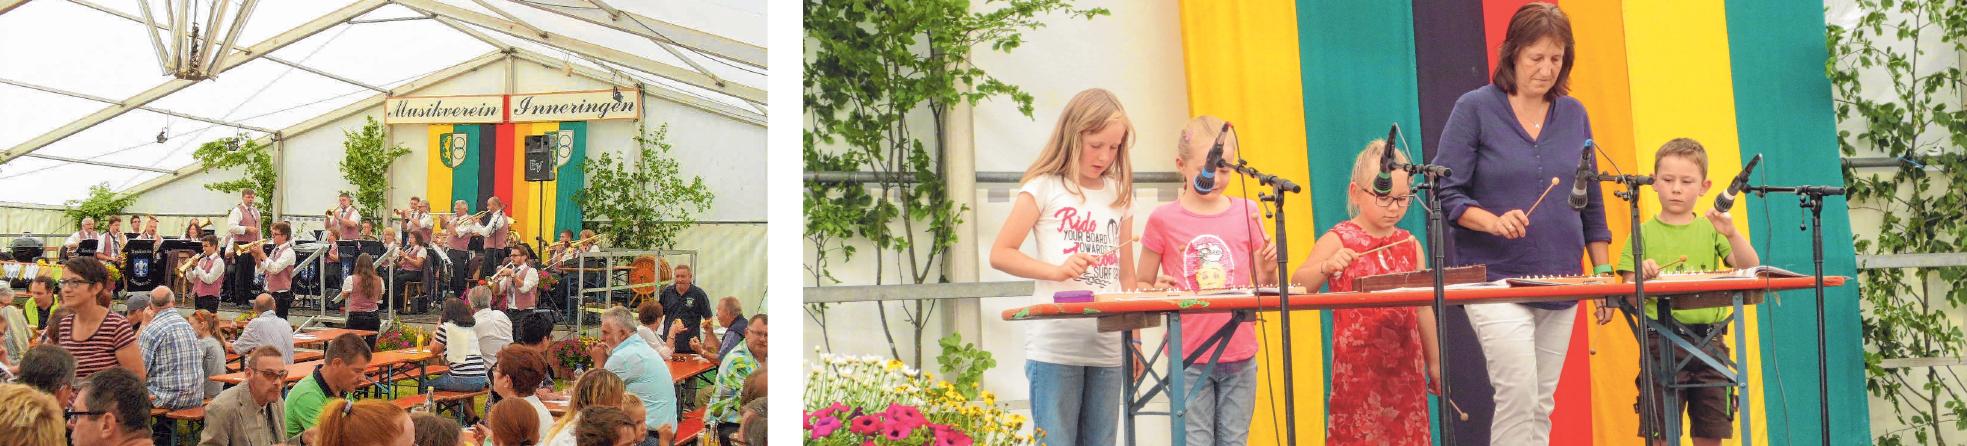 Musikkapellen unterhalten die Besucher. FOTO: PRIVATBeim Kinder- und Seniorennachmittag gibt es verschiedene Aufführungen. FOTO: PRIVAT